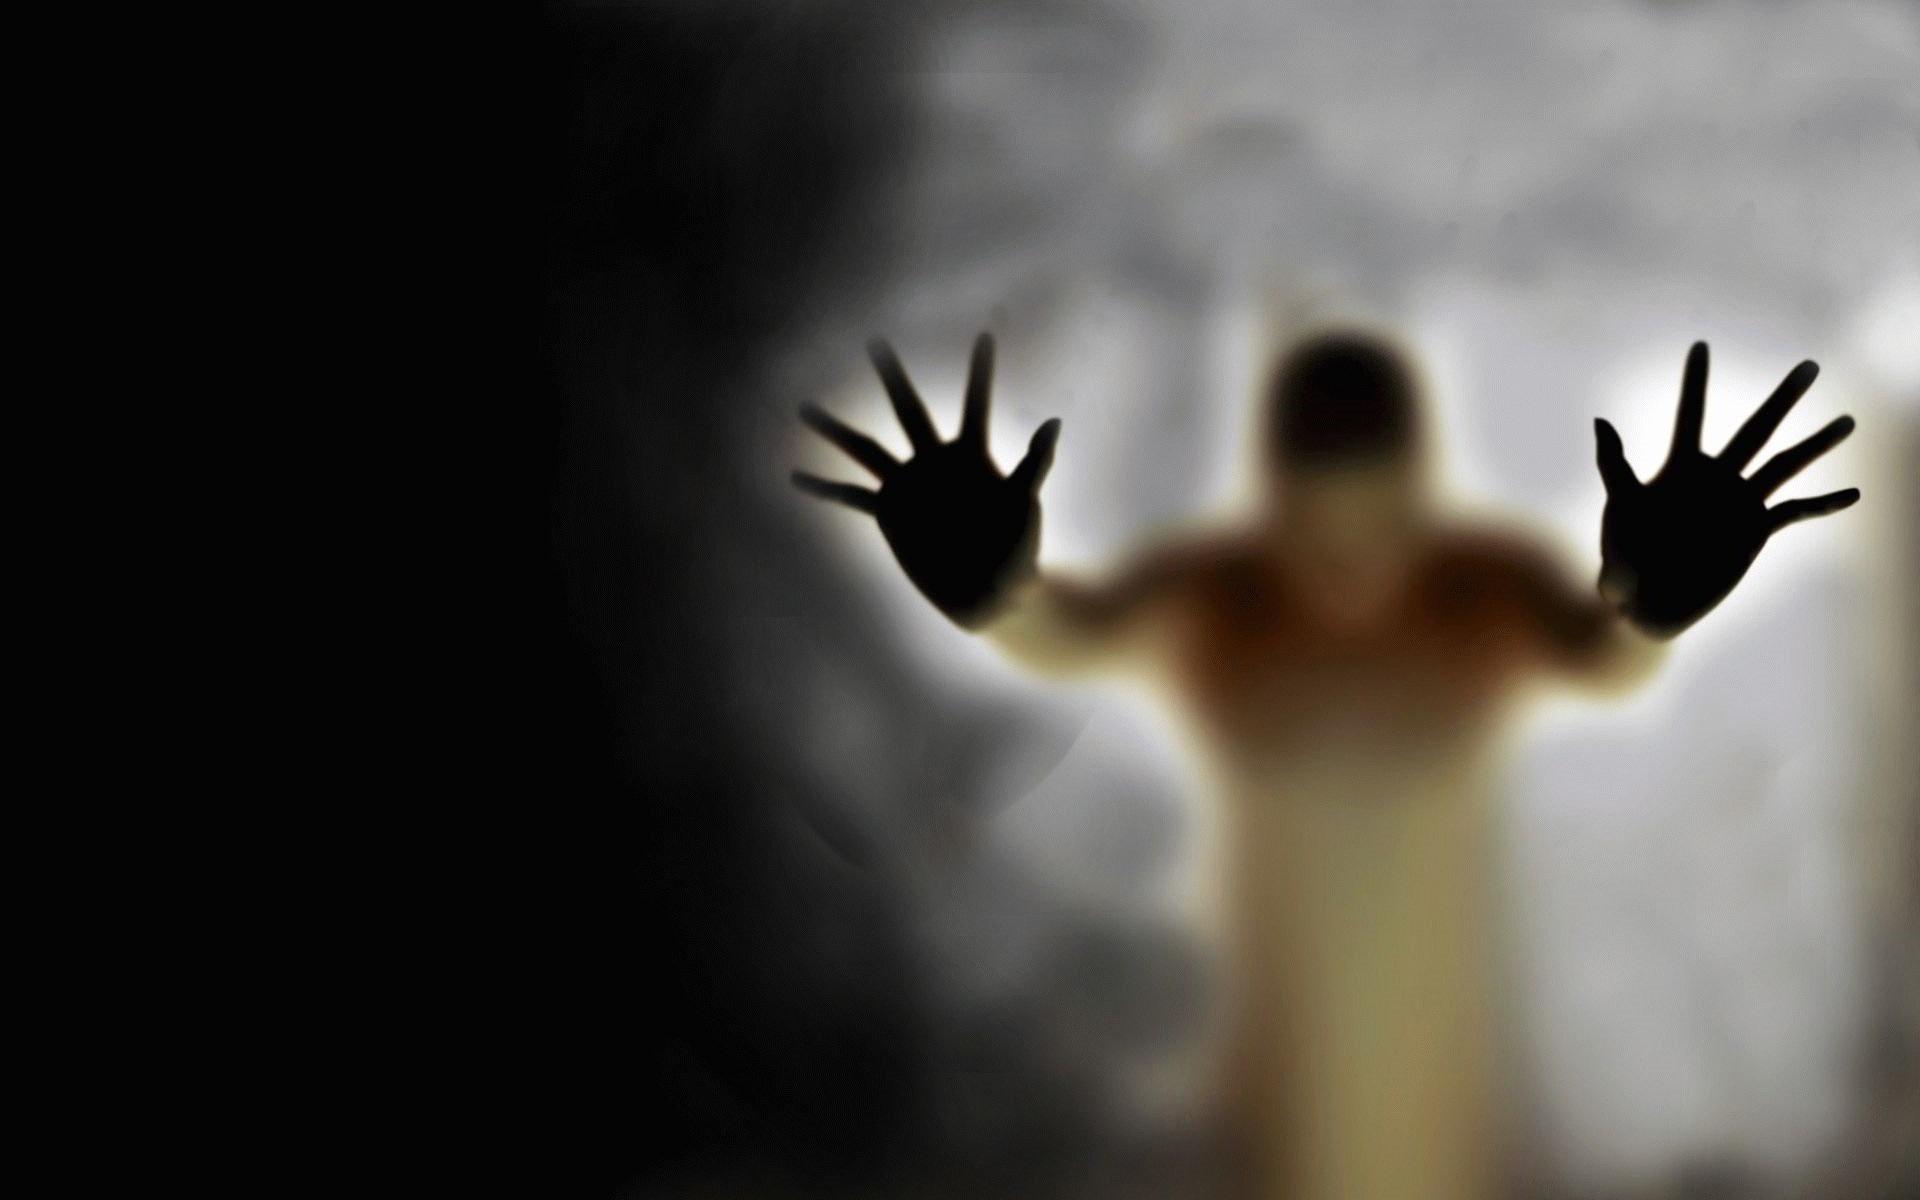 К чему снится мертвый человек?